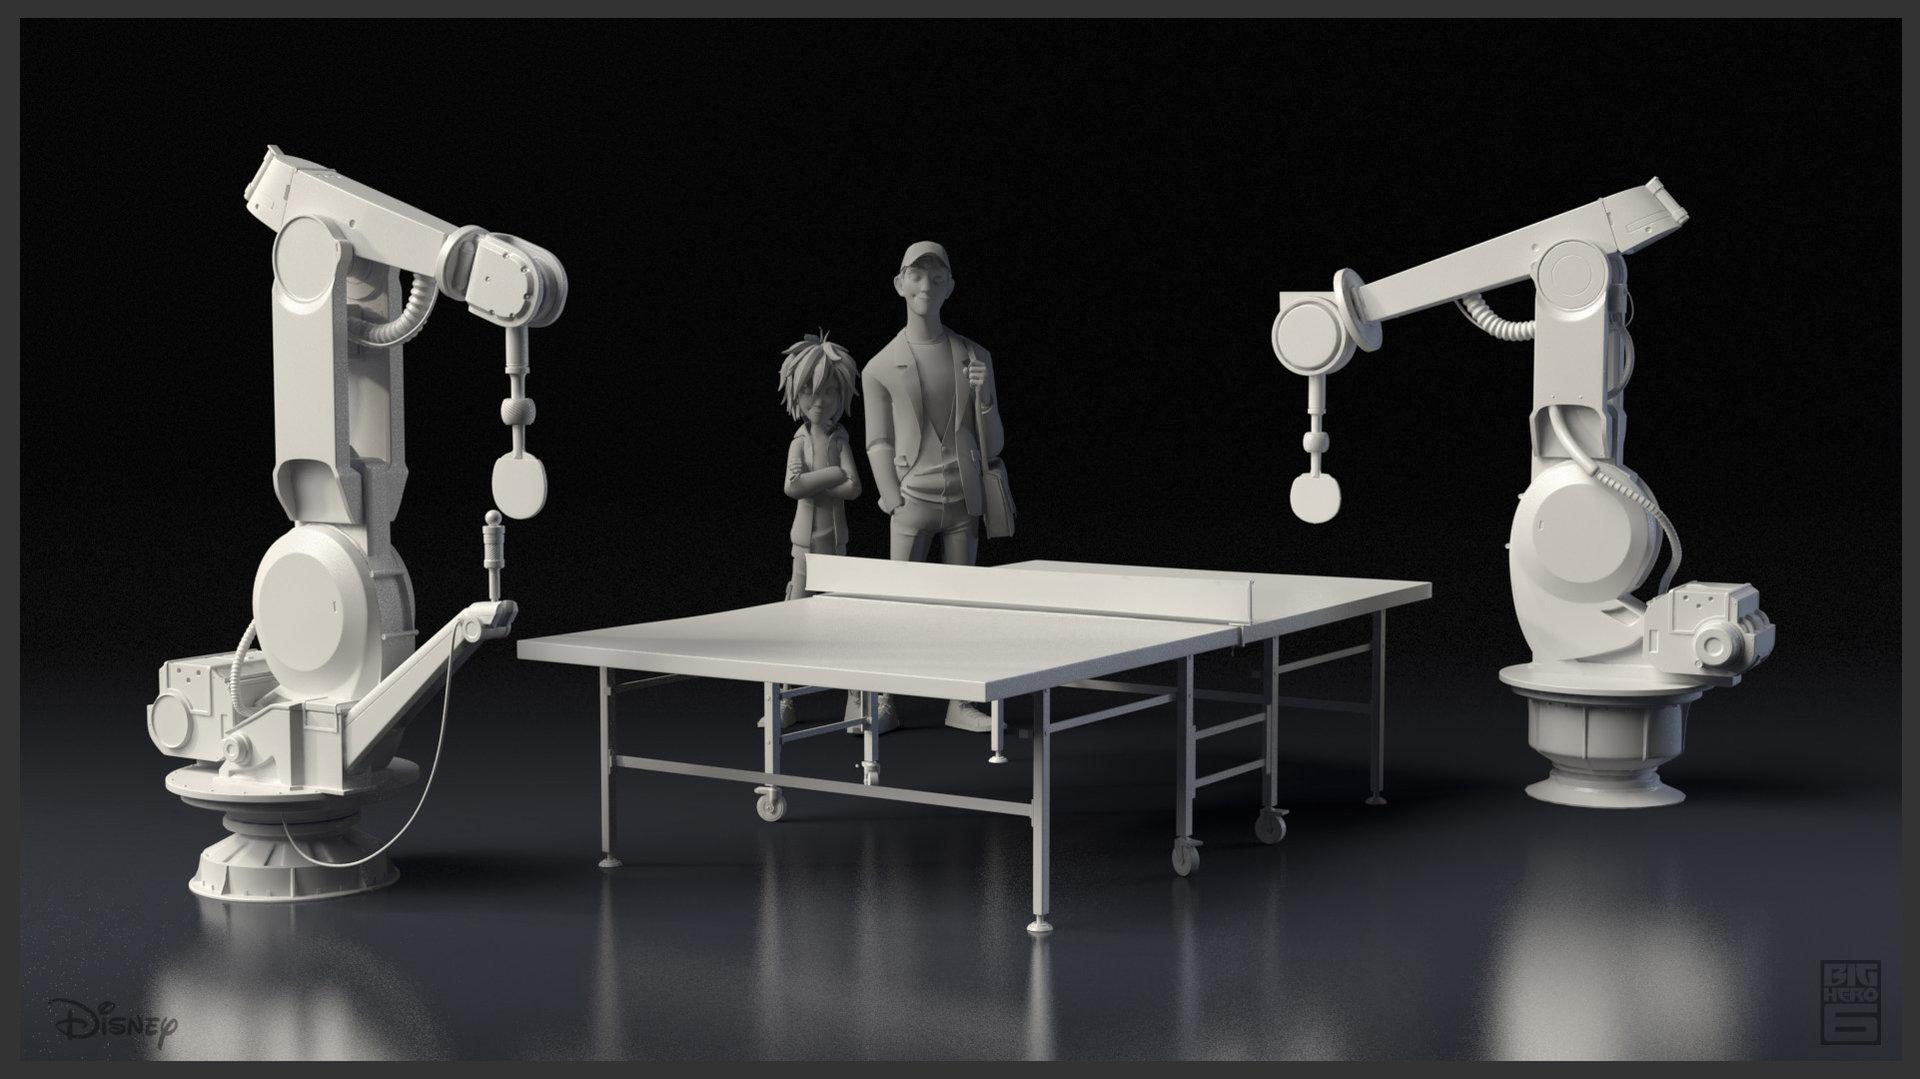 Ping Pong Robots